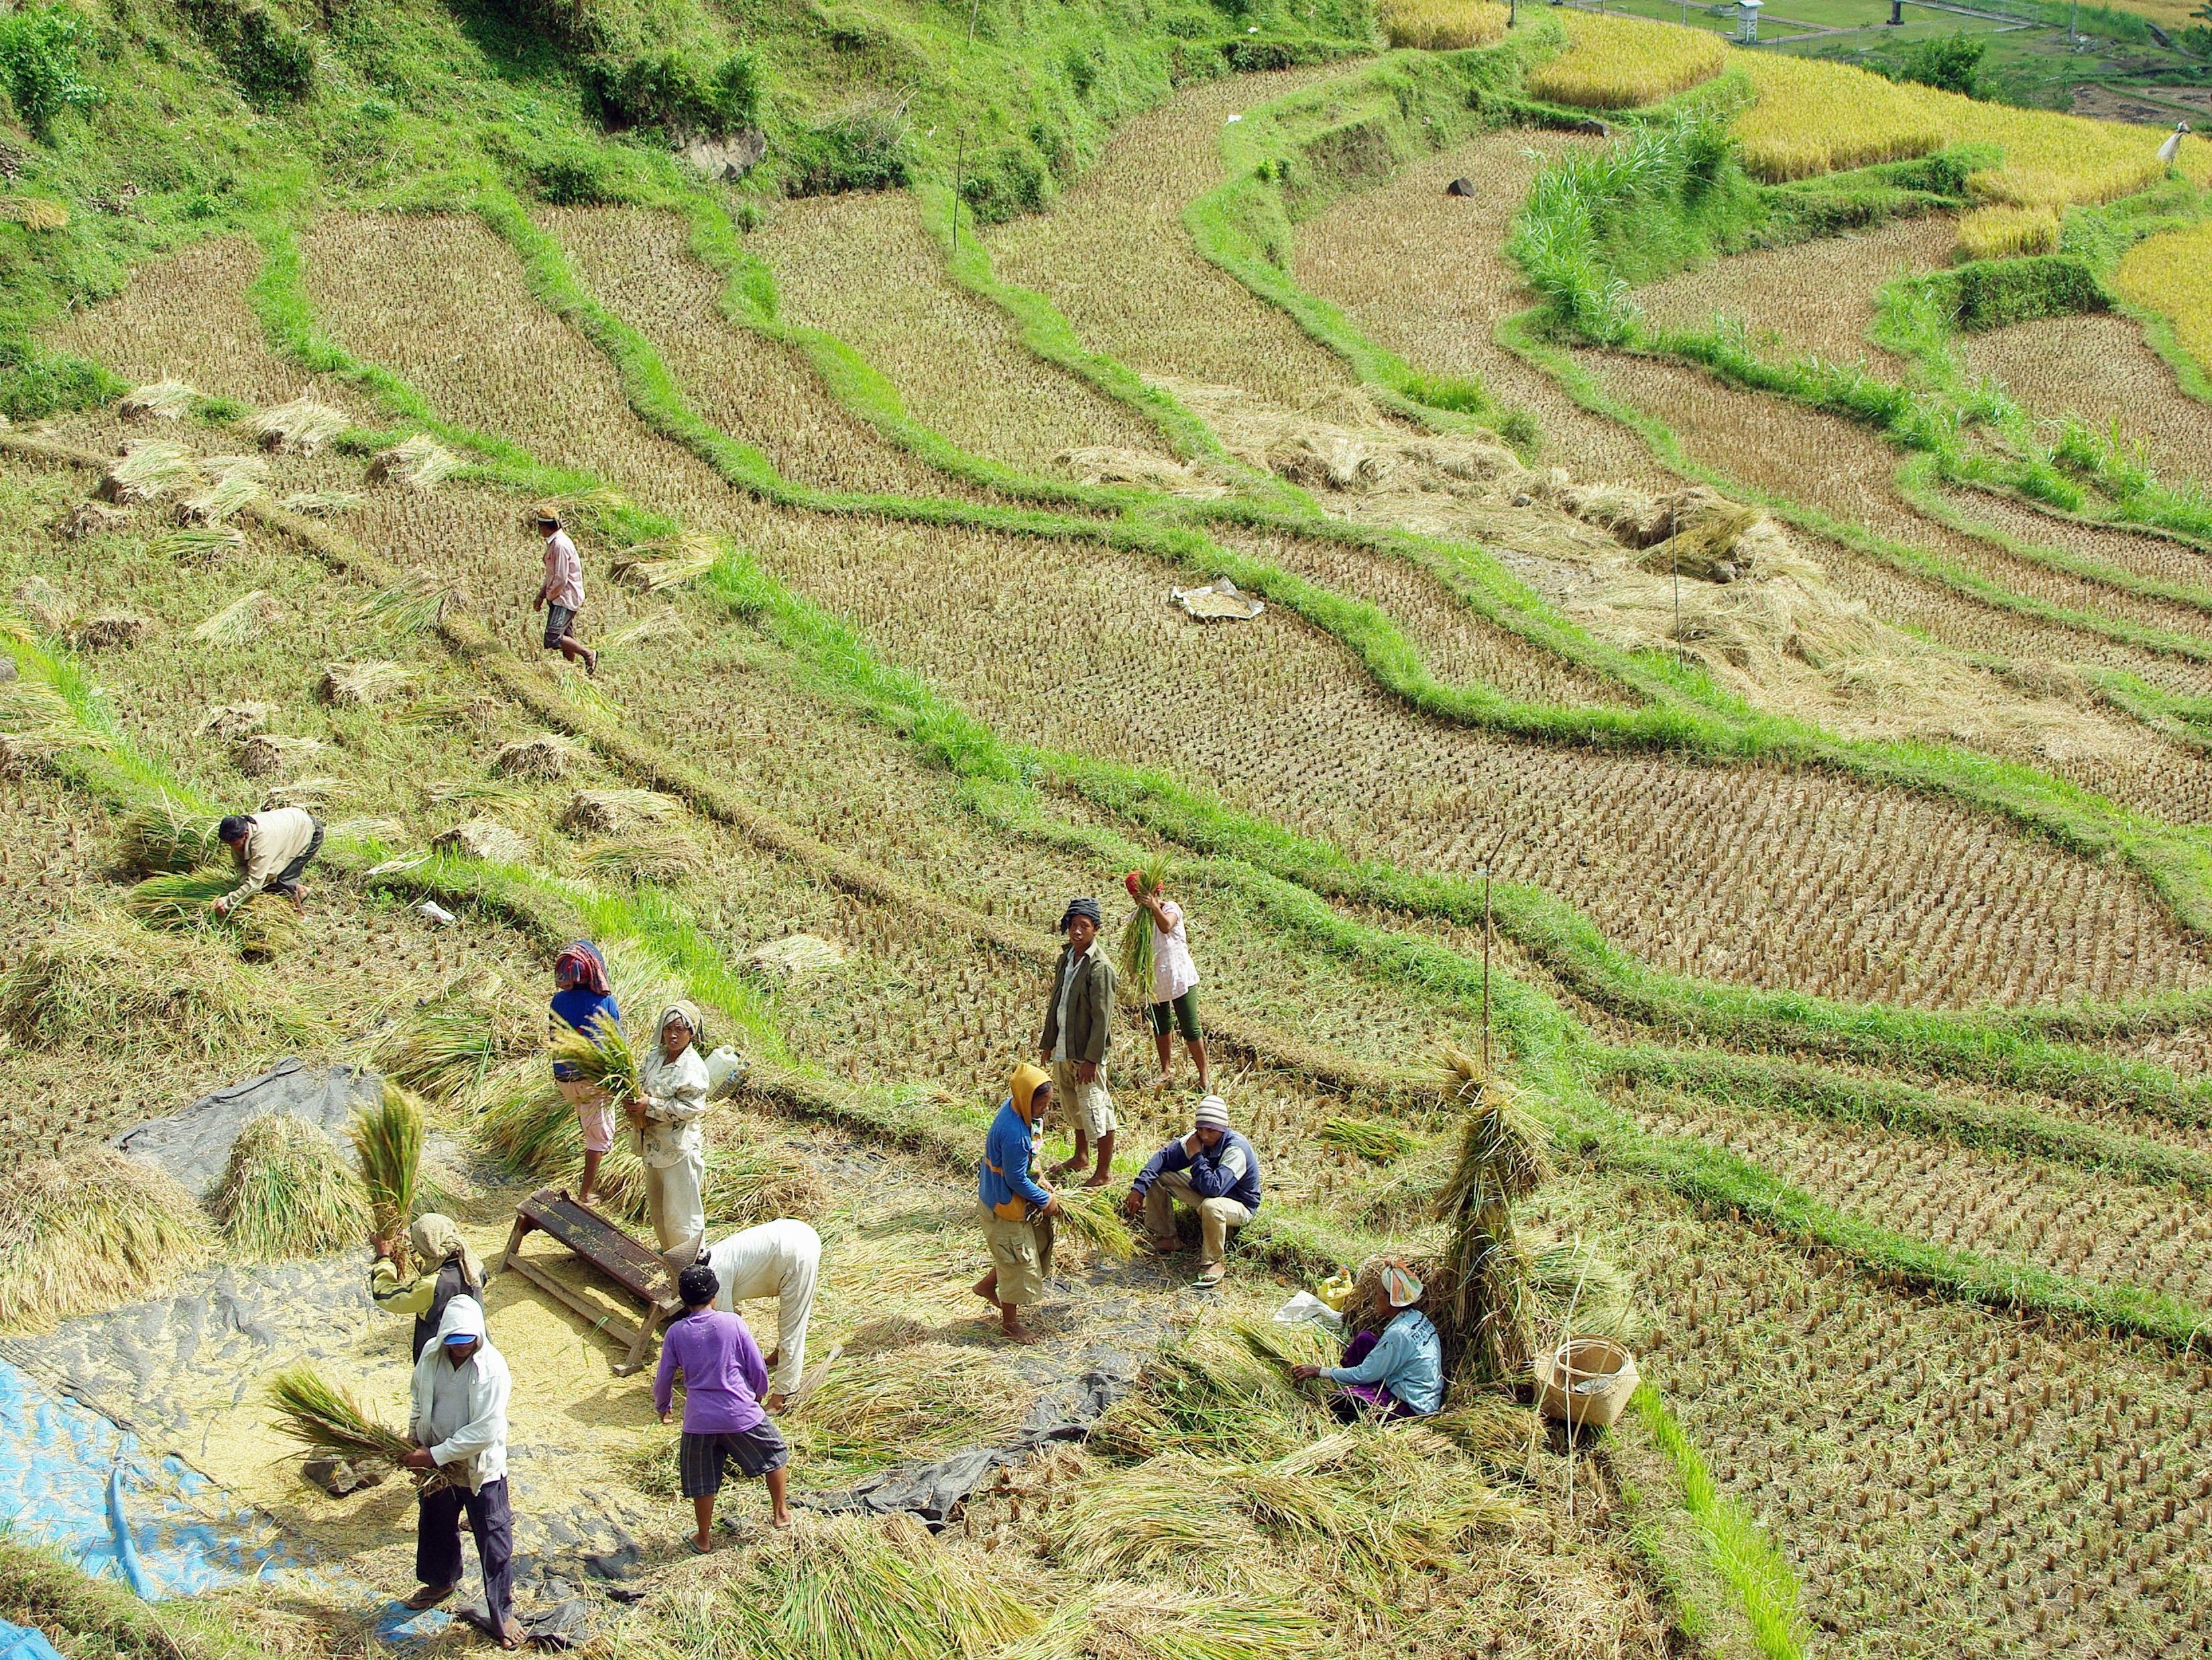 Fotos Gratis Cultivo Suelo Agricultura Llanura Terraza